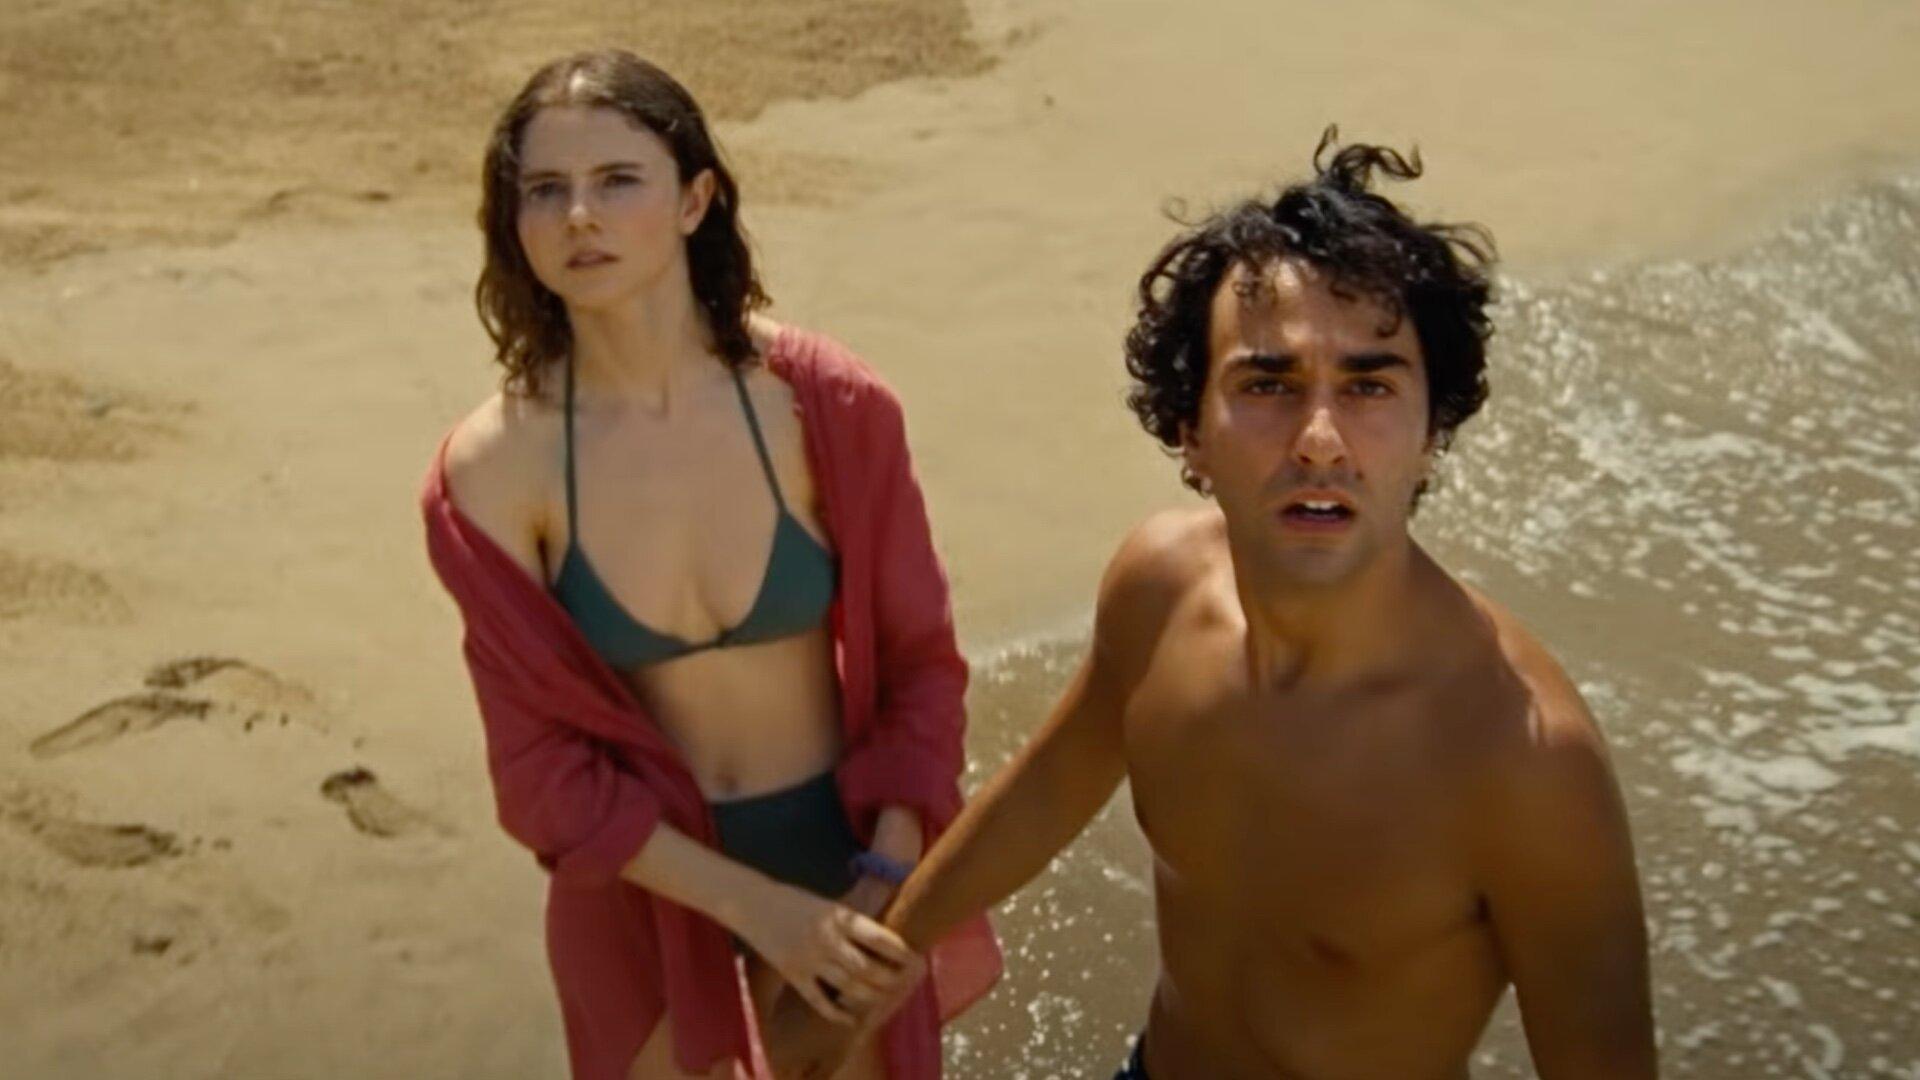 Tempo, novo filme de M. Night Shyamalan, ganha trailer misterioso